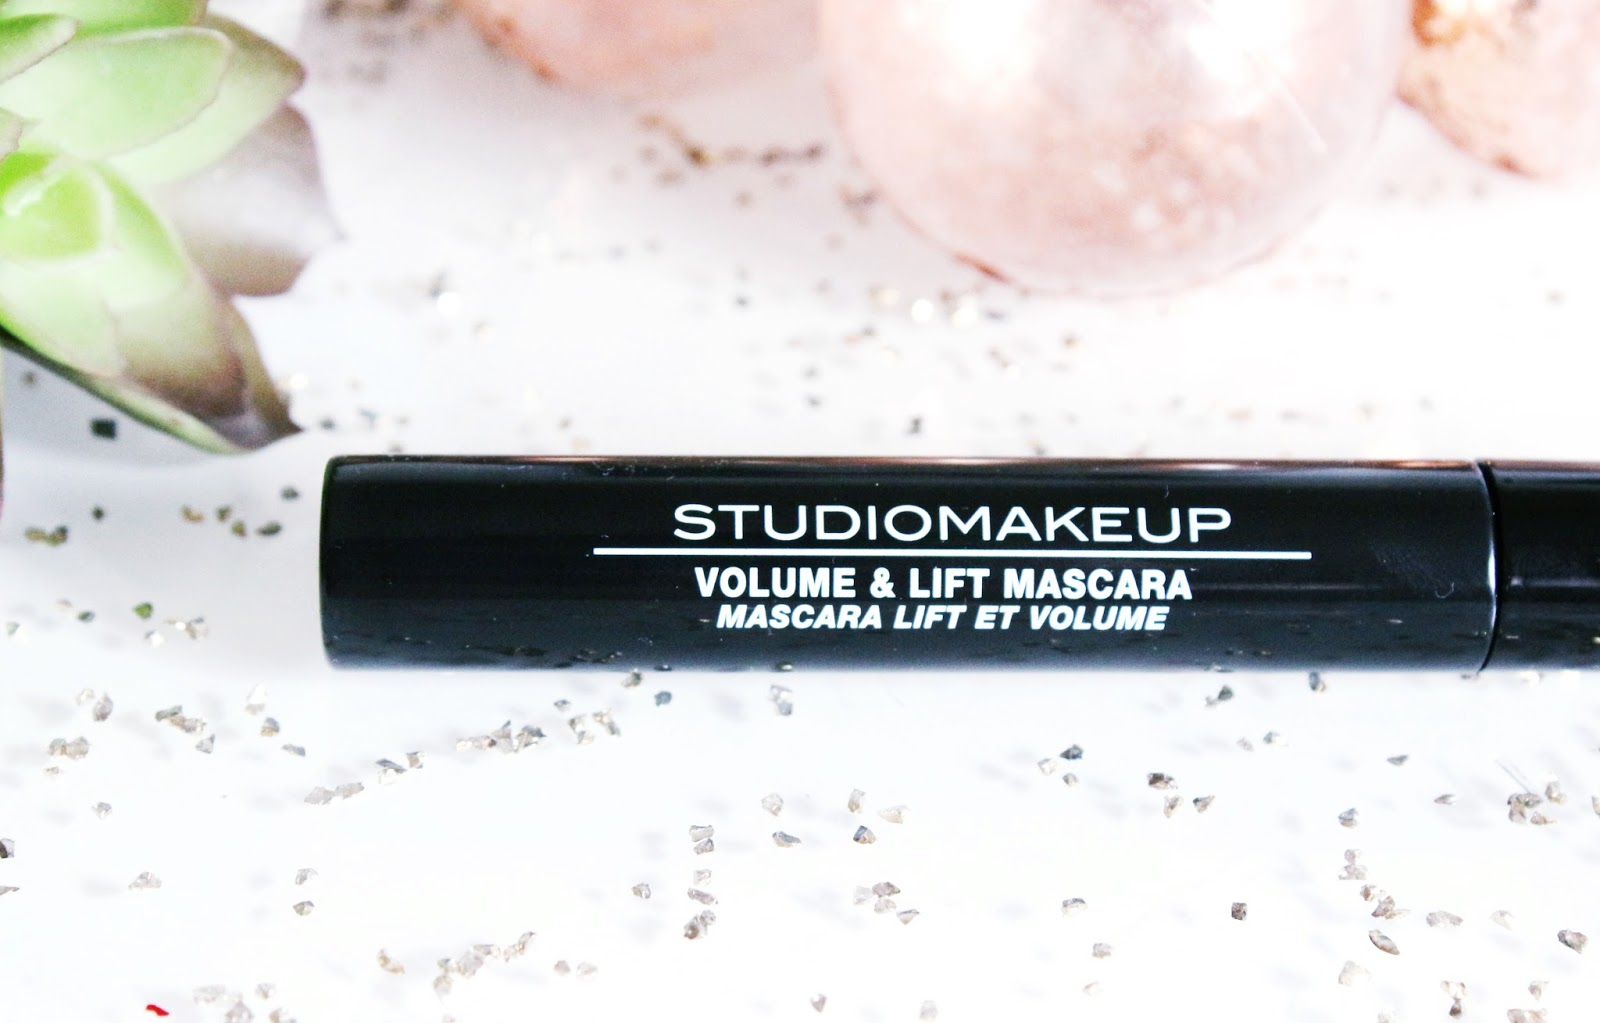 volume-lift-mascara-studiomakeup